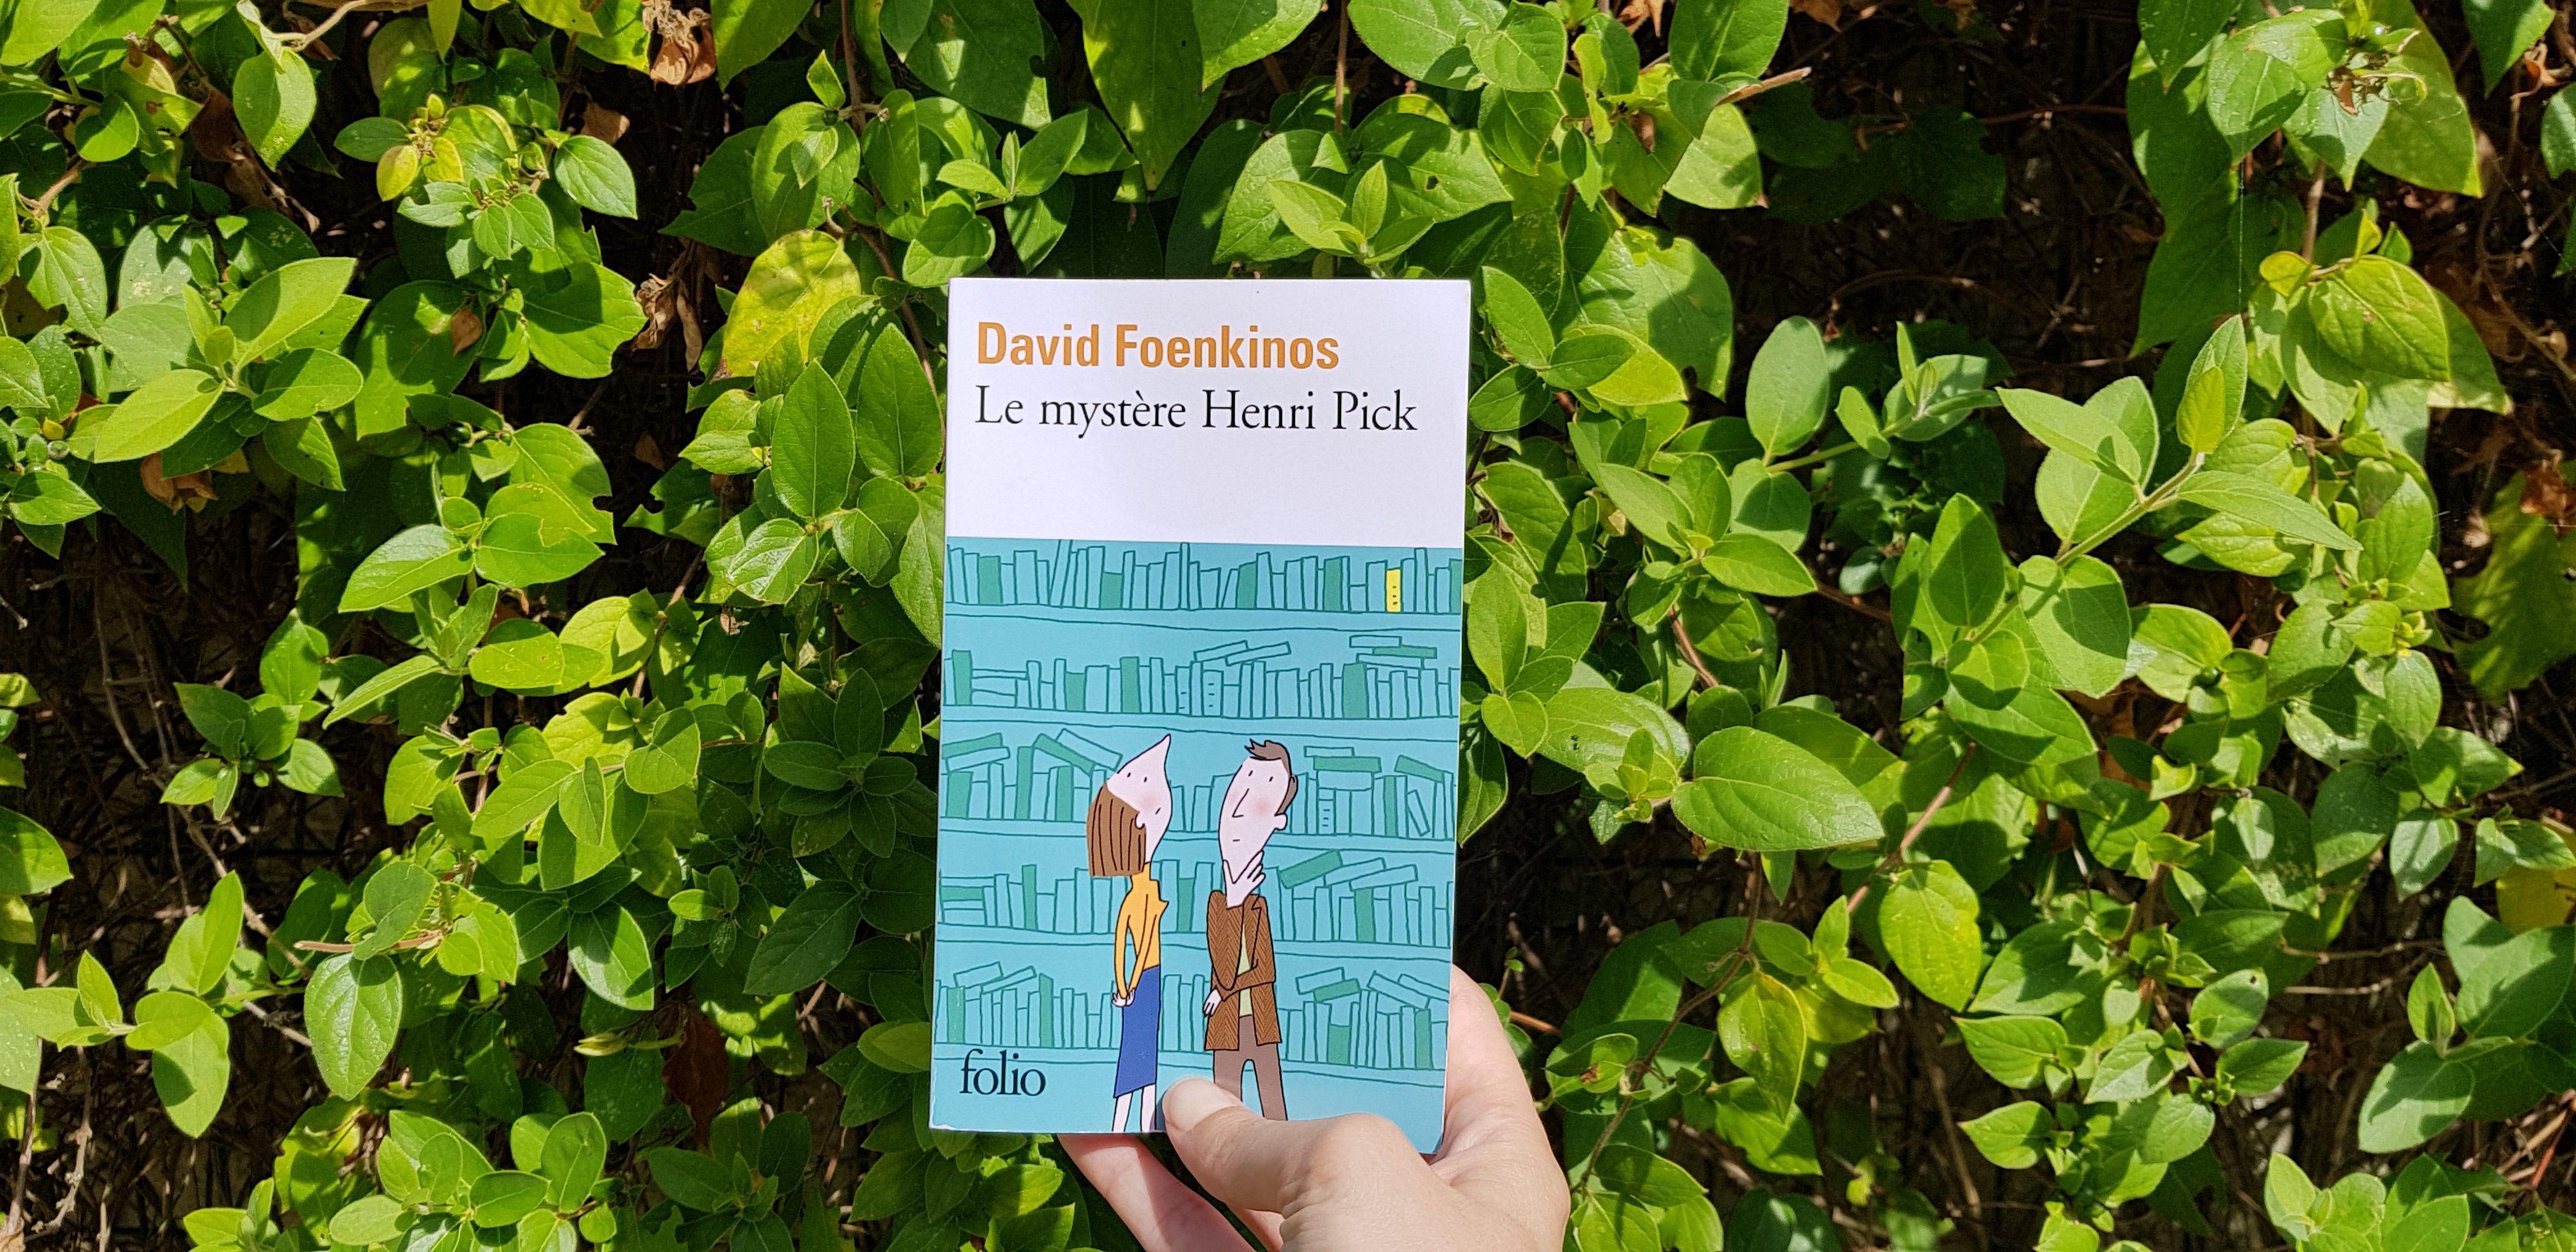 Le mystère Henri Pick David Foenkinos